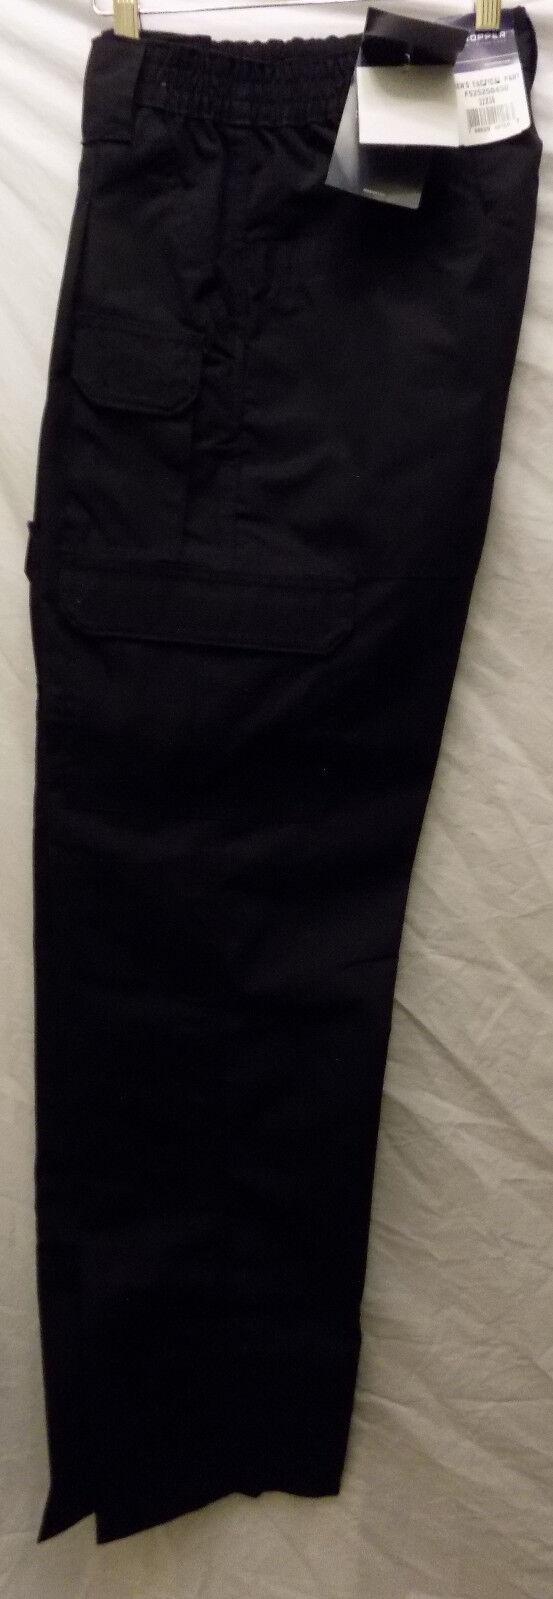 New 32 x 36 Propper Men's Tactical Pants Ripstop NO BELT Charcoal Steel color